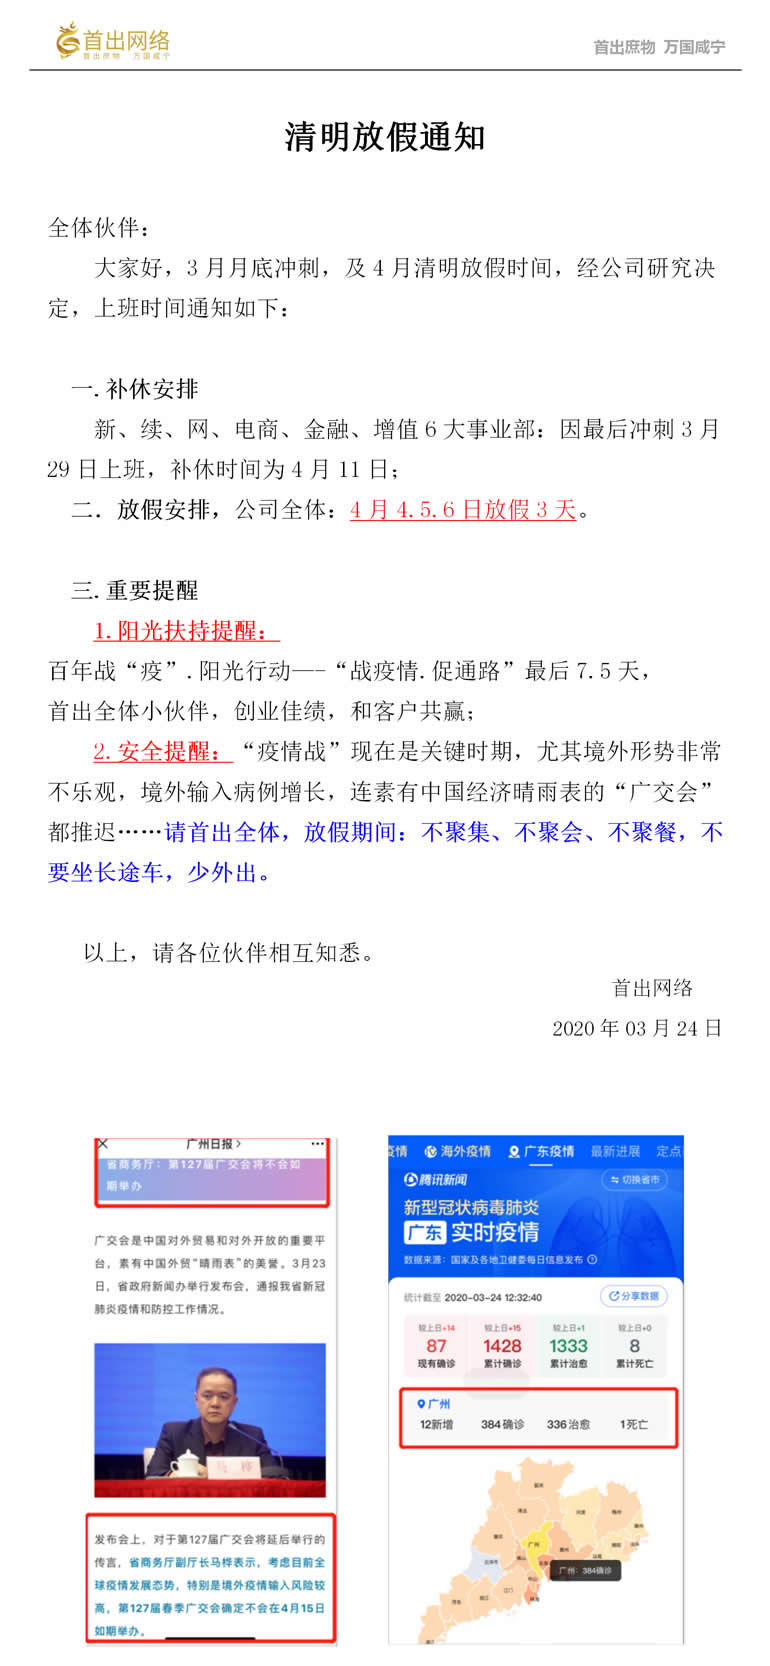 清明放假通知(2020年)